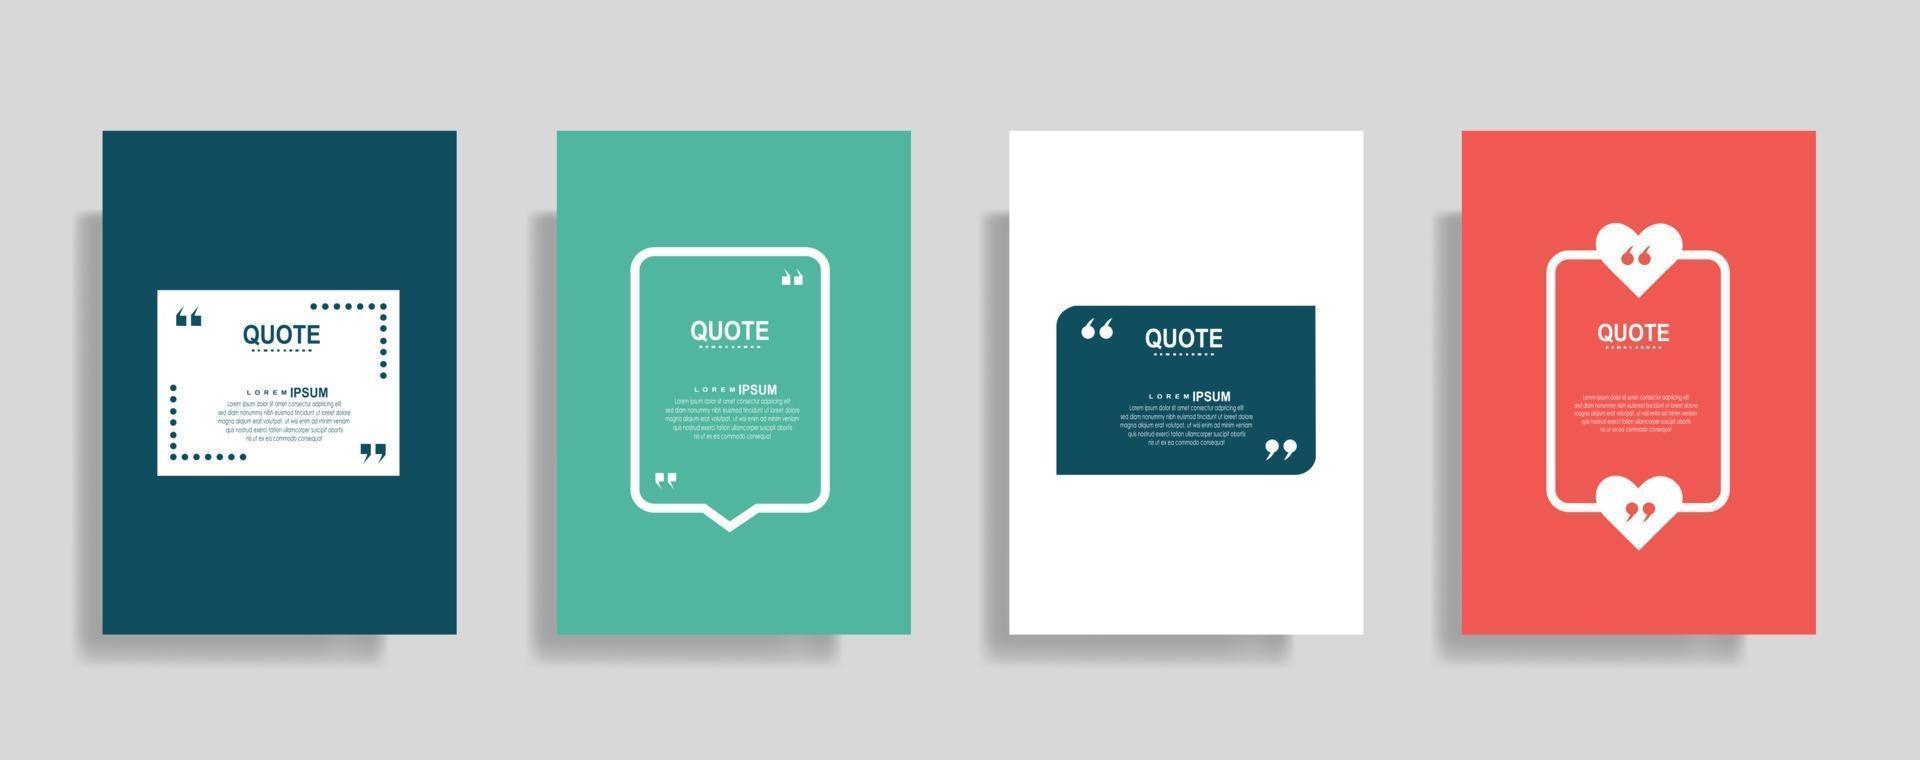 cotizaciones marco conjunto de plantillas en blanco. texto entre paréntesis, cita burbujas de discurso vacías. cuadro de texto aislado sobre fondo de color vector